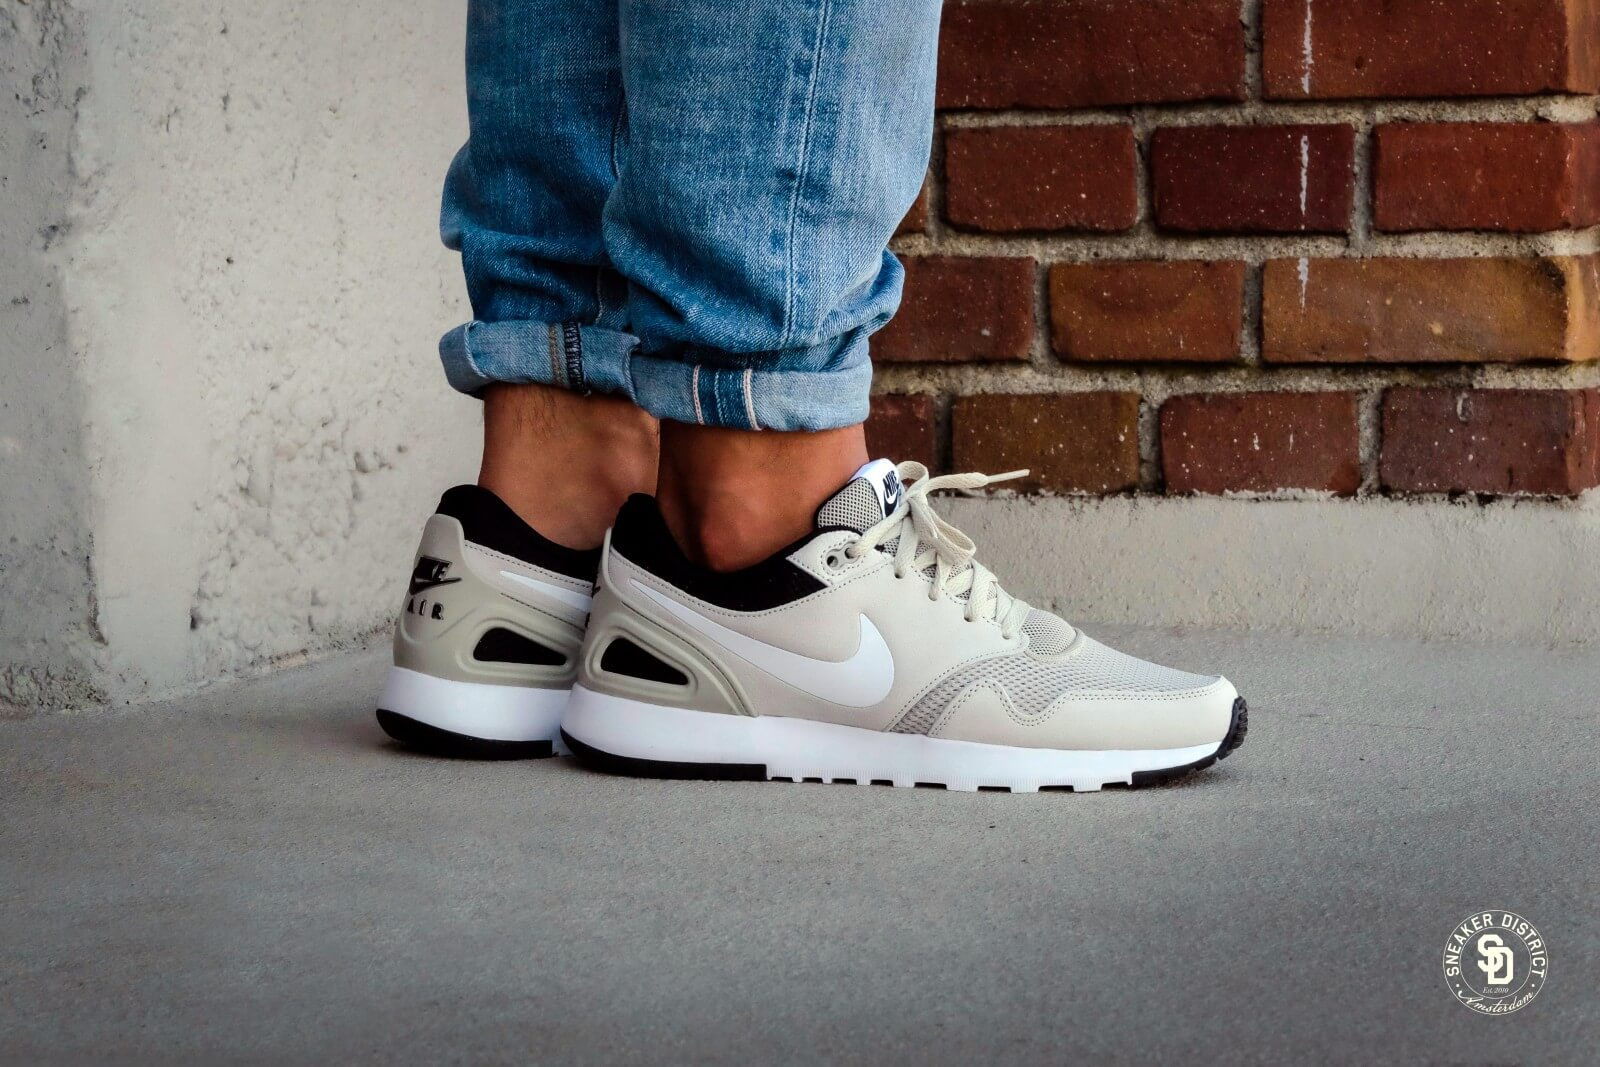 Nike Air Vibenna SE - Pale Grey / White